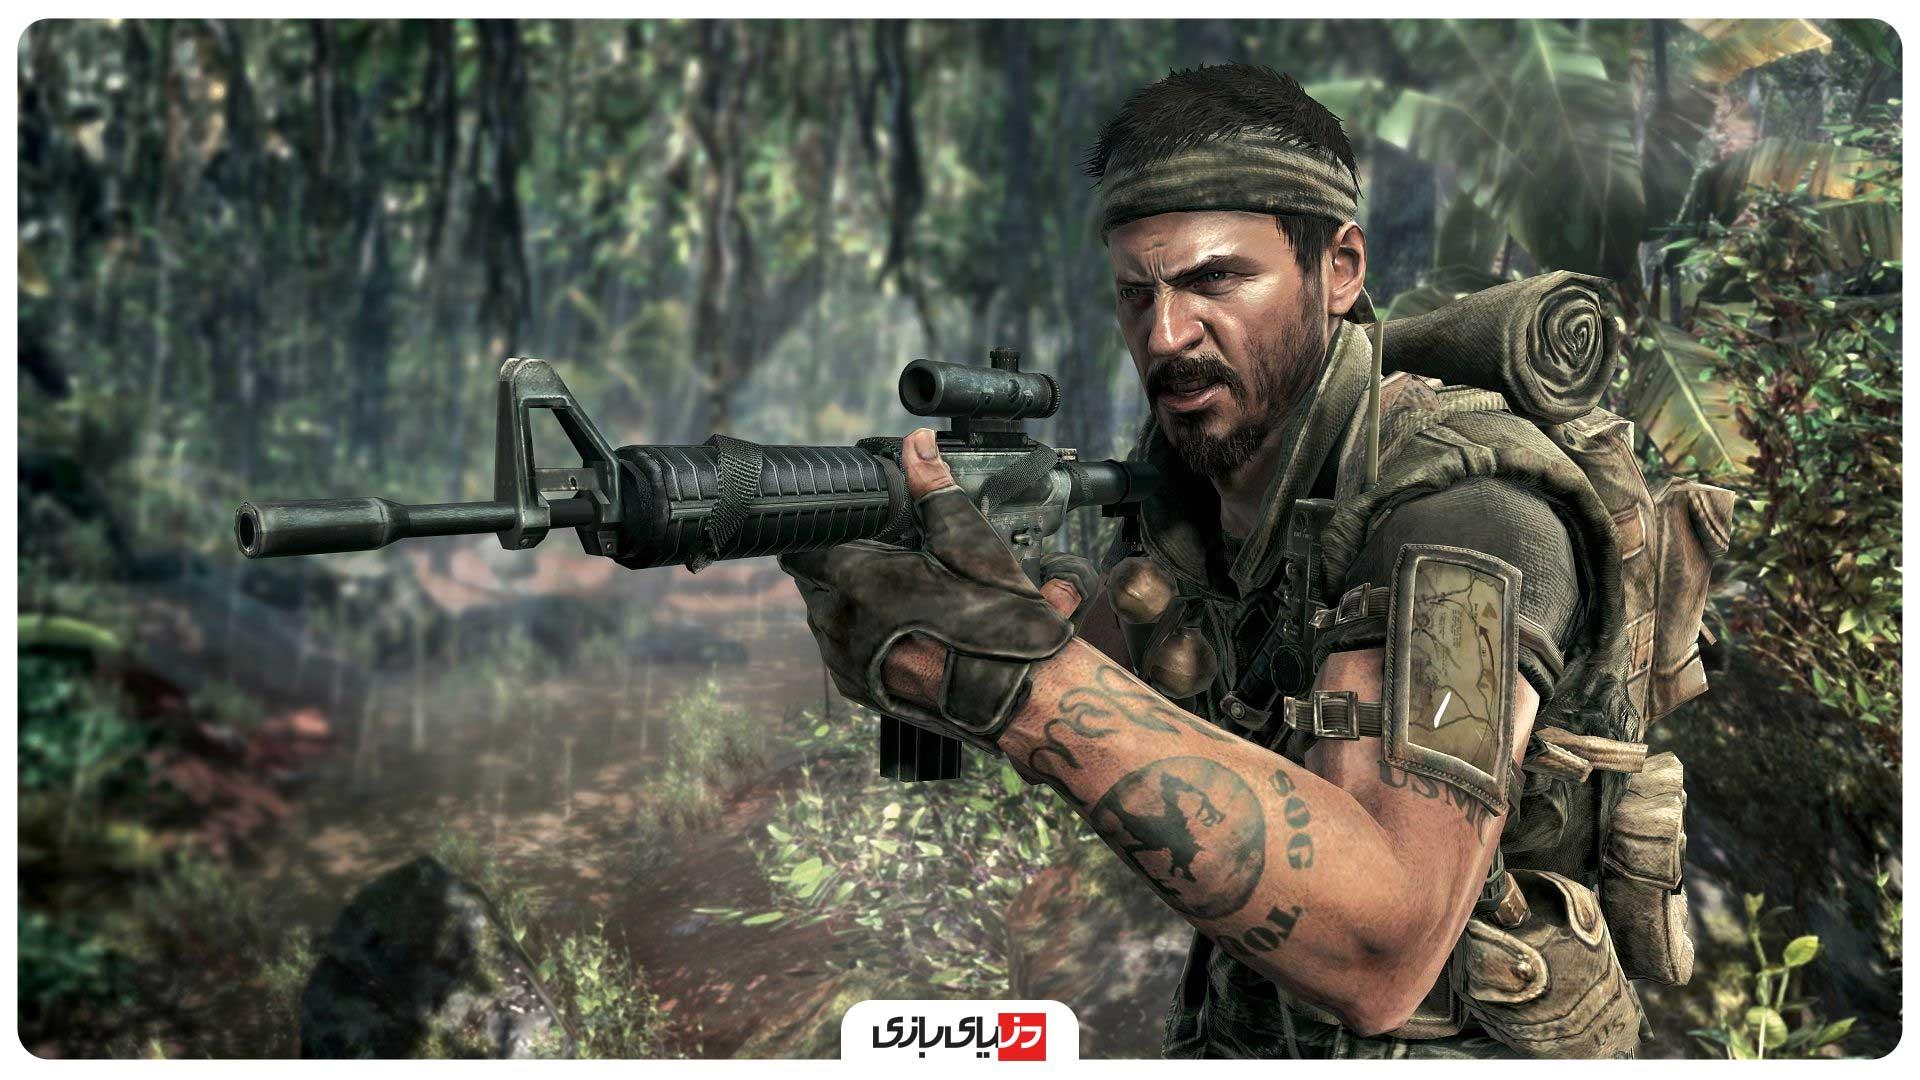 دانلود بازی های جنگی کامپیوتری